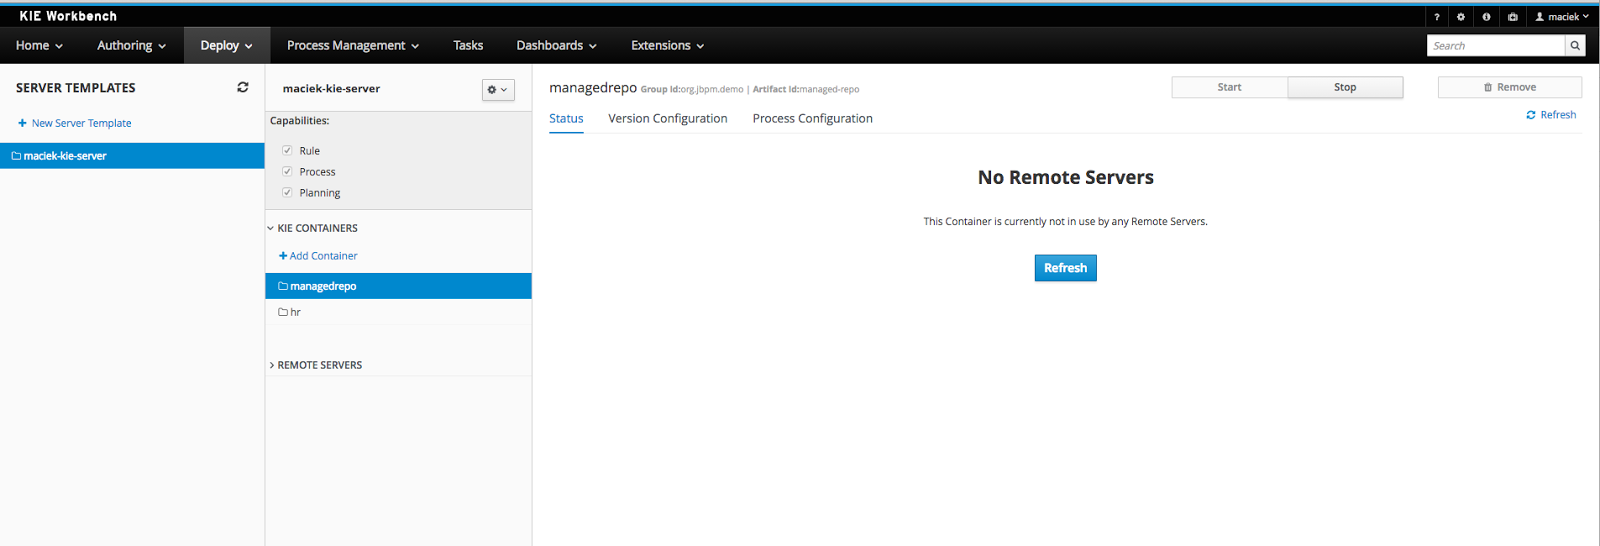 jBPM v7 - workbench and kie server integration | Planet JBoss Developer